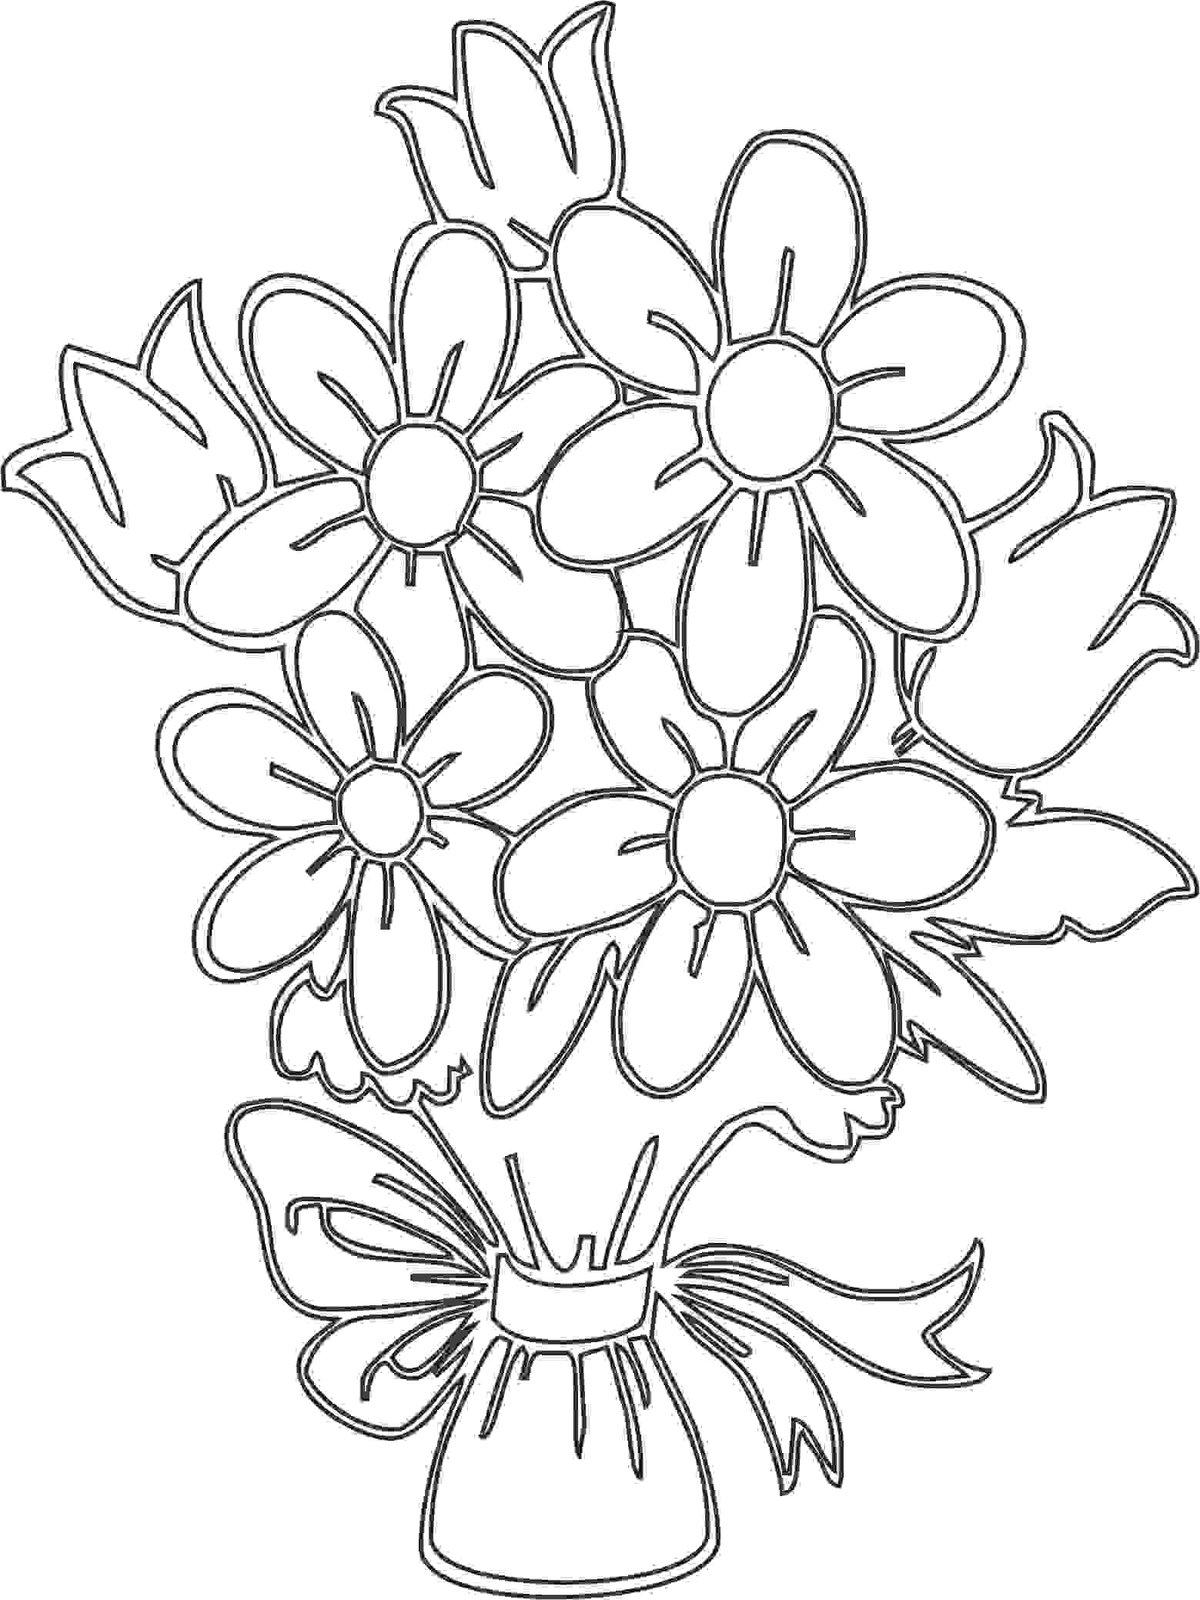 Шаблон букета цветов для вырезания, цветы актобе